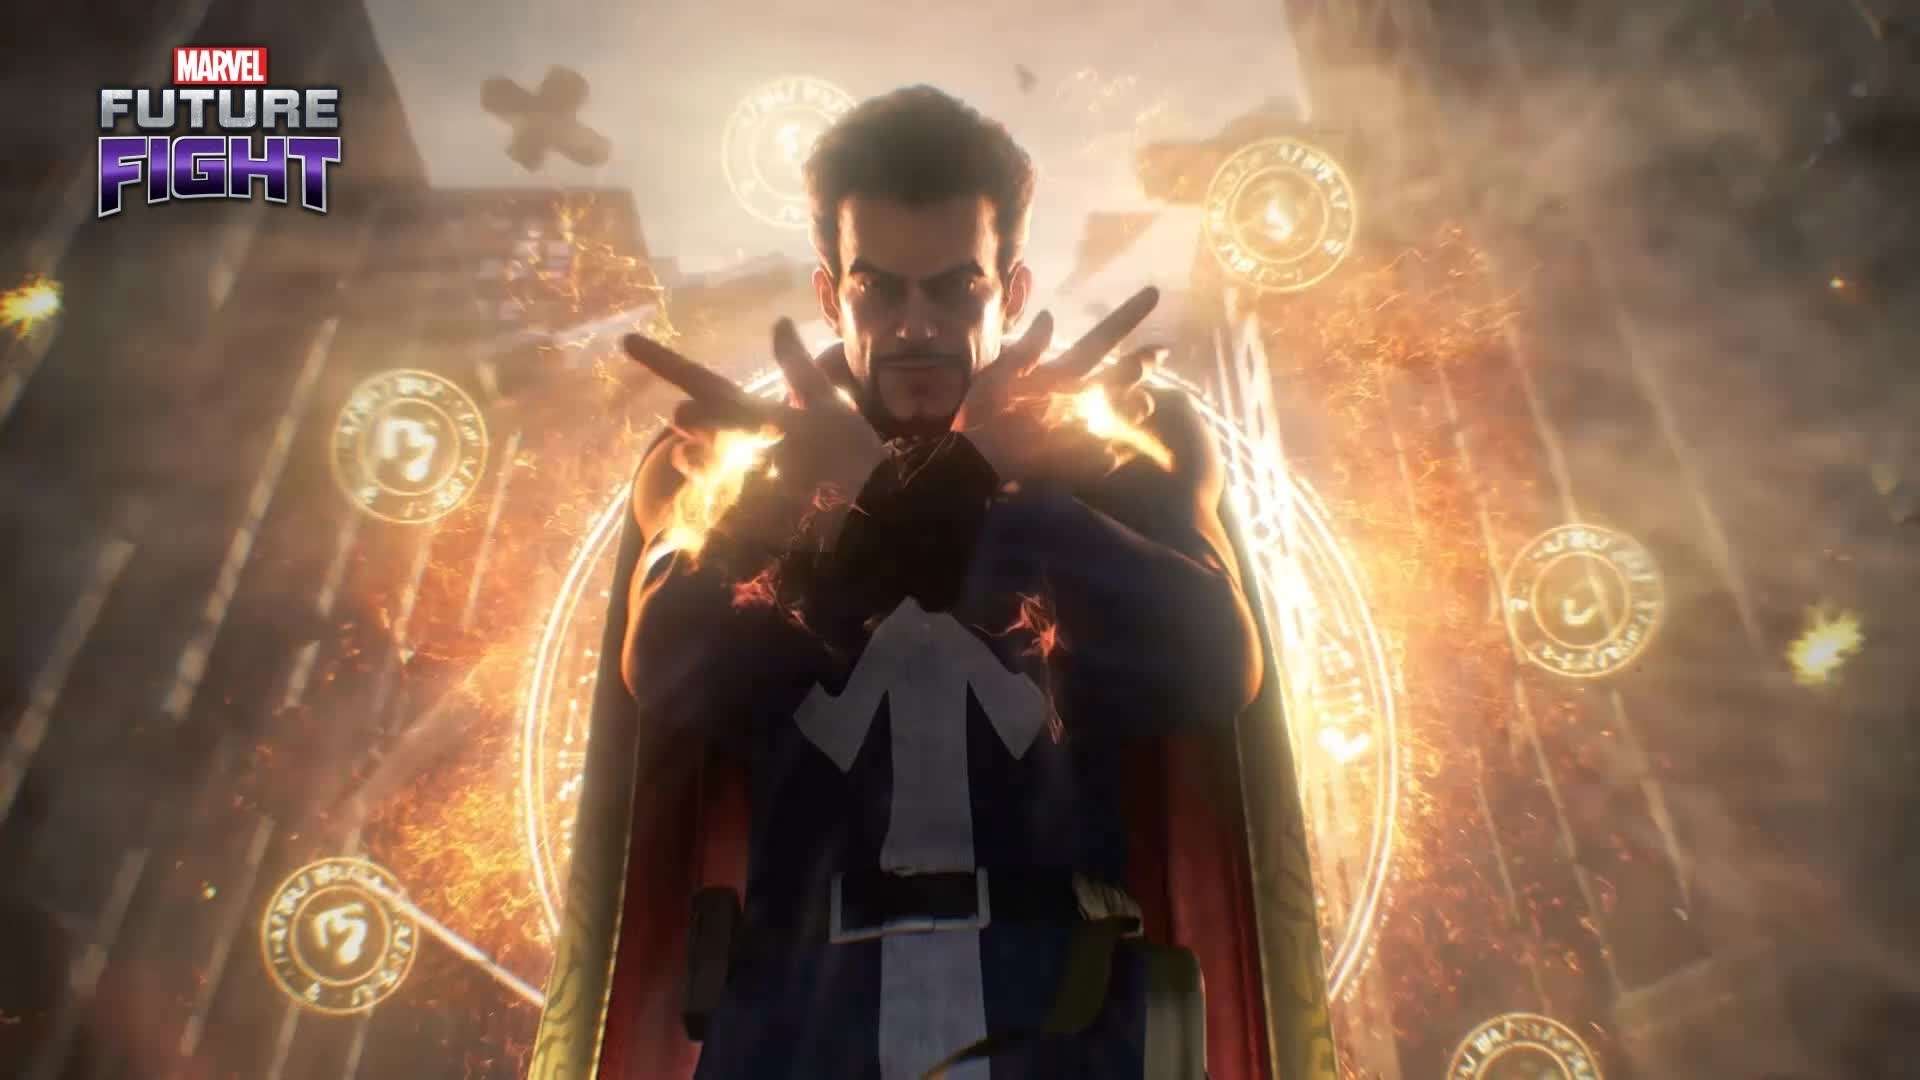 MARVEL Future Fight - Doctor Strange App Trailer